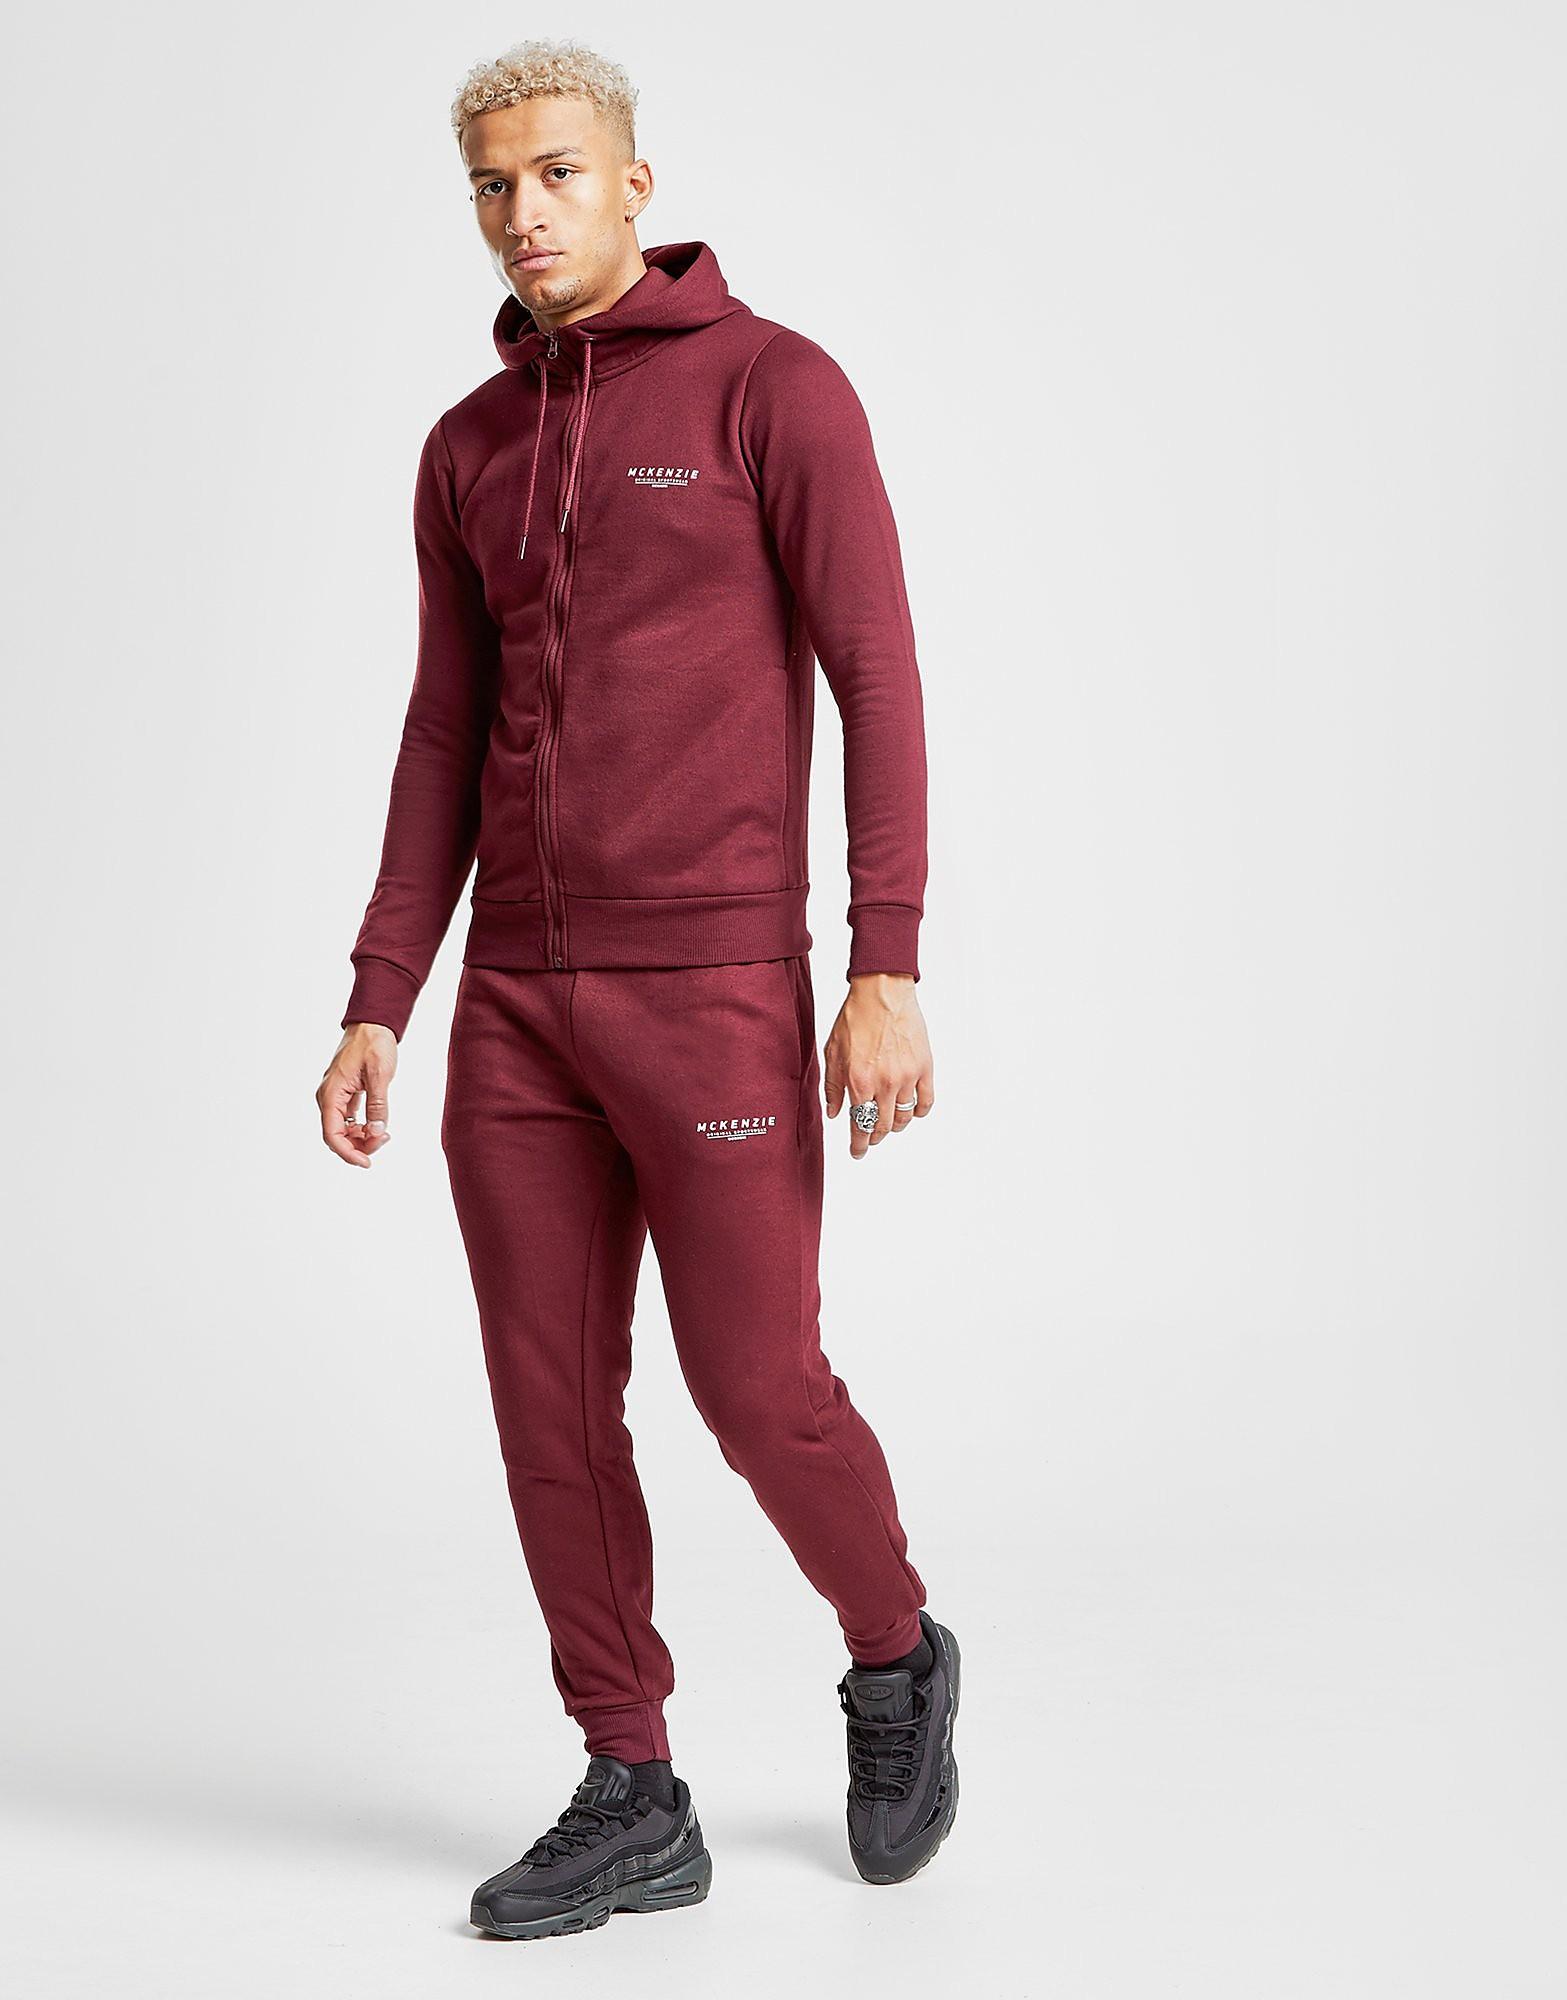 McKenzie Essential Cuffed Track Pants - alleen bij JD - Burgundy/White - Heren